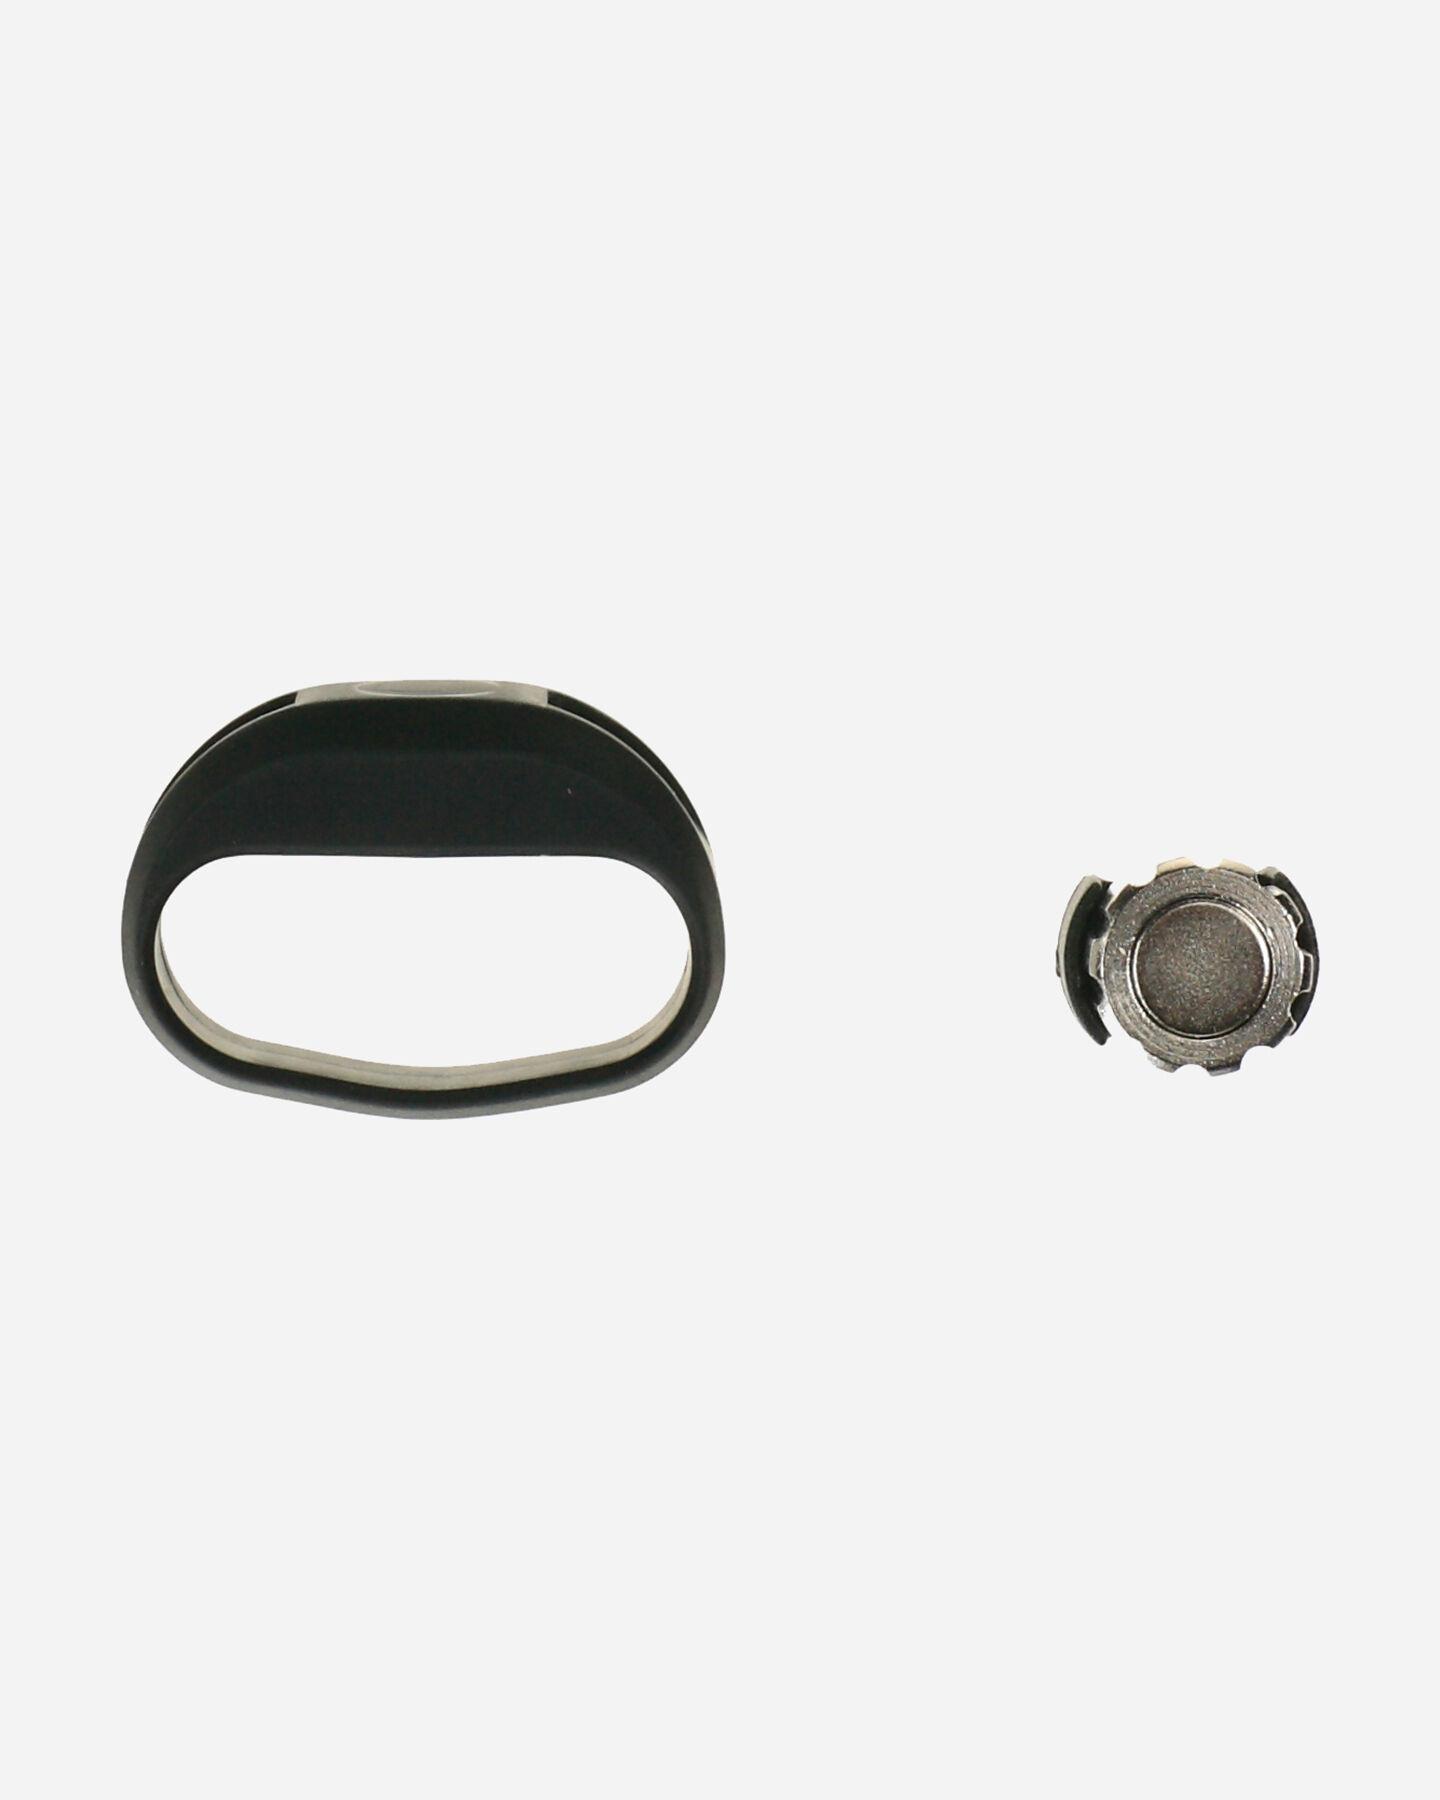 Accessorio orologio SUUNTO SENSORE VELOCITA/CADENZA BIKE S4019493 1 UNI scatto 2